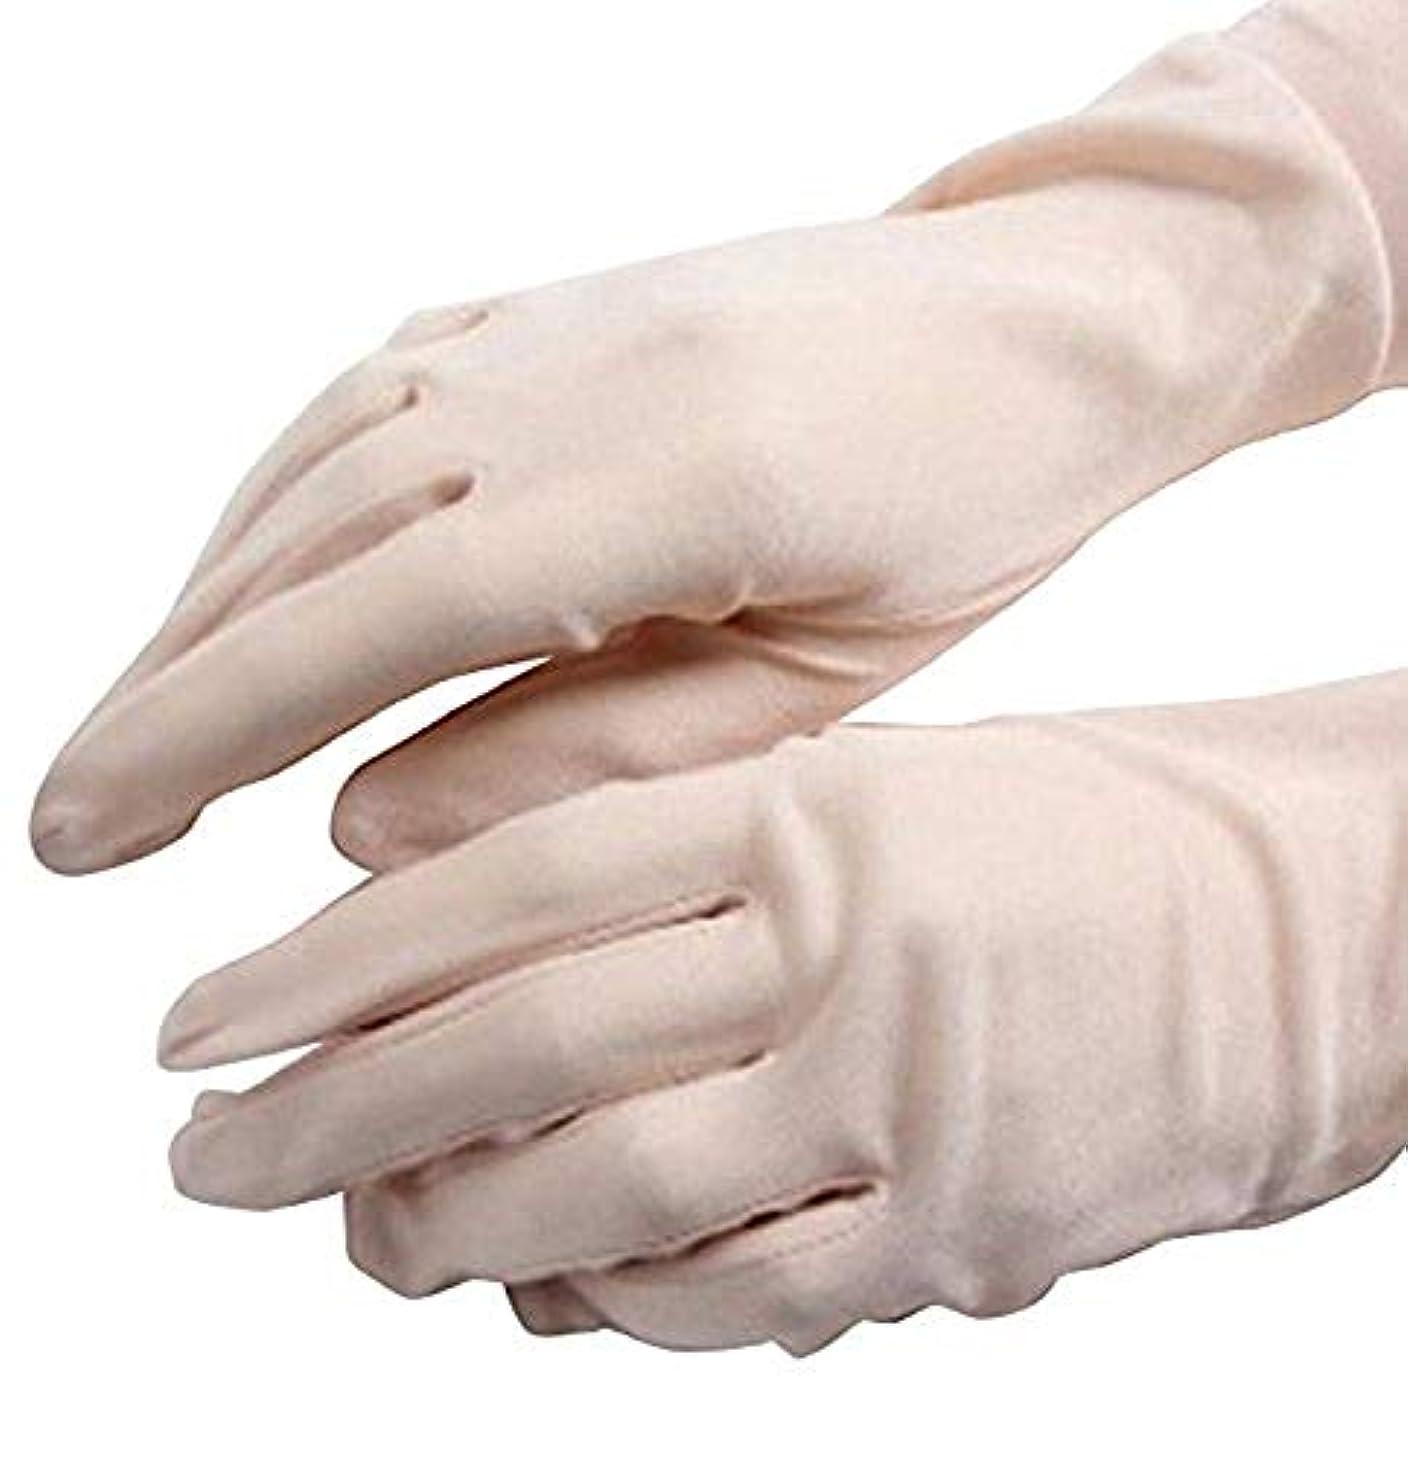 遠足師匠夜明けにCREPUSCOLO 手荒れ対策! シルク手袋 おやすみ 手袋 保湿ケア UVカット ハンドケア シルク100% 全7色 (ライトピンク)